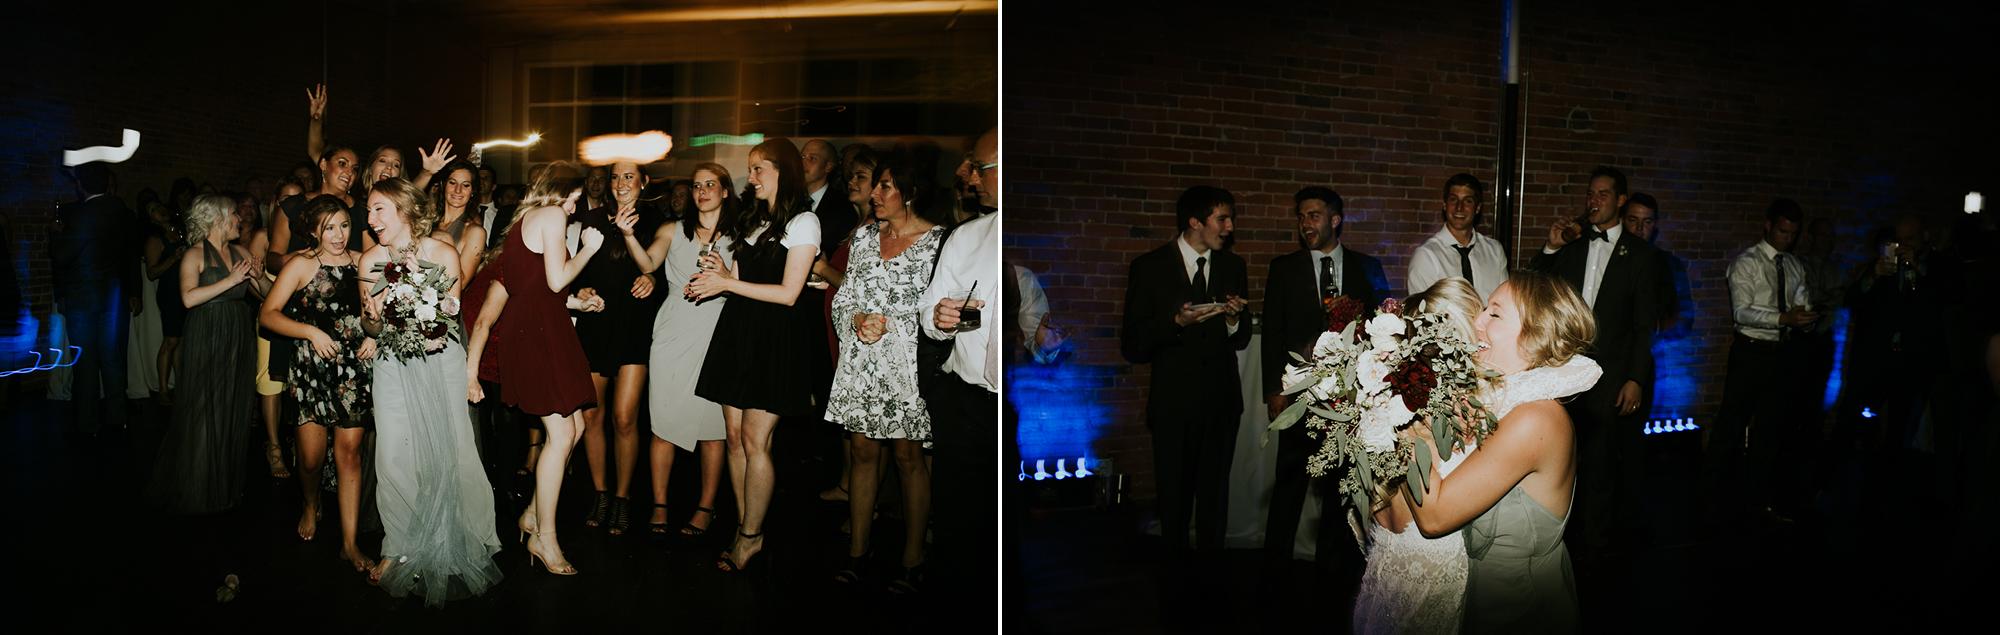 axis-pioneer-wedding